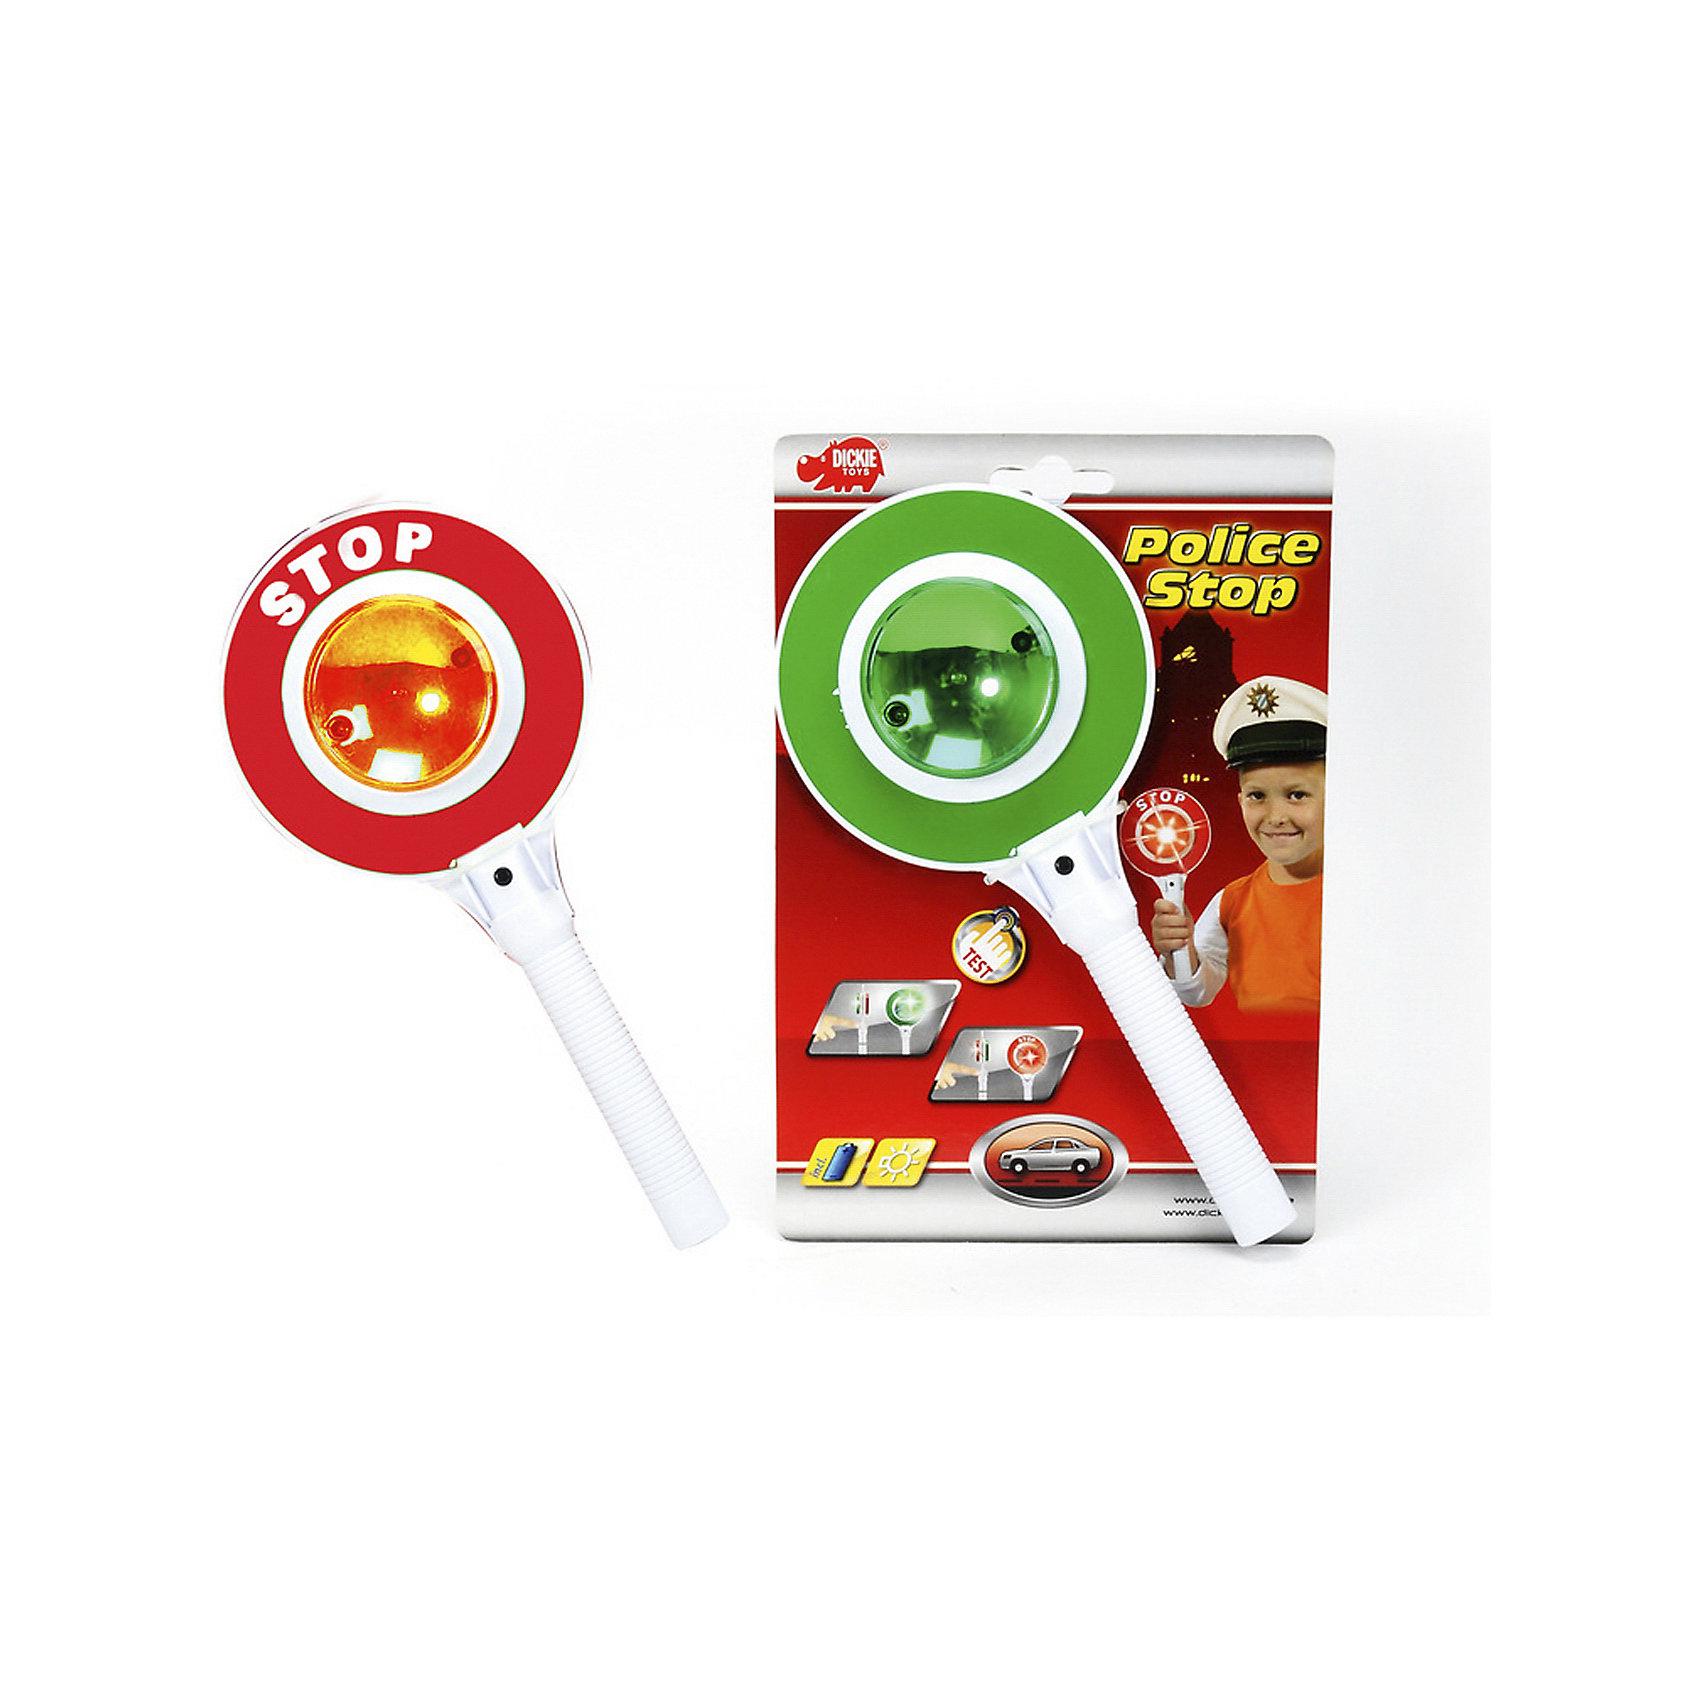 Сигнал регулировщика со светом, 25 см, Dickie ToysЭлектронный сигнал регулировщика поможет ребенку выучить наизусть сигналы: красный – стой, зеленый – иди. Для активации световых эффектов предусмотрена кнопка, которая находится на ручке под табло. В игровой форме обучение проходит быстро и интересно. Размер сигнала регулировщика: 25 см.<br><br>Сигнал регулировщика со светом, 25 см, Dickie Toys можно купить в нашем магазине.<br><br>Ширина мм: 420<br>Глубина мм: 140<br>Высота мм: 235<br>Вес г: 600<br>Возраст от месяцев: 36<br>Возраст до месяцев: 96<br>Пол: Мужской<br>Возраст: Детский<br>SKU: 5295523